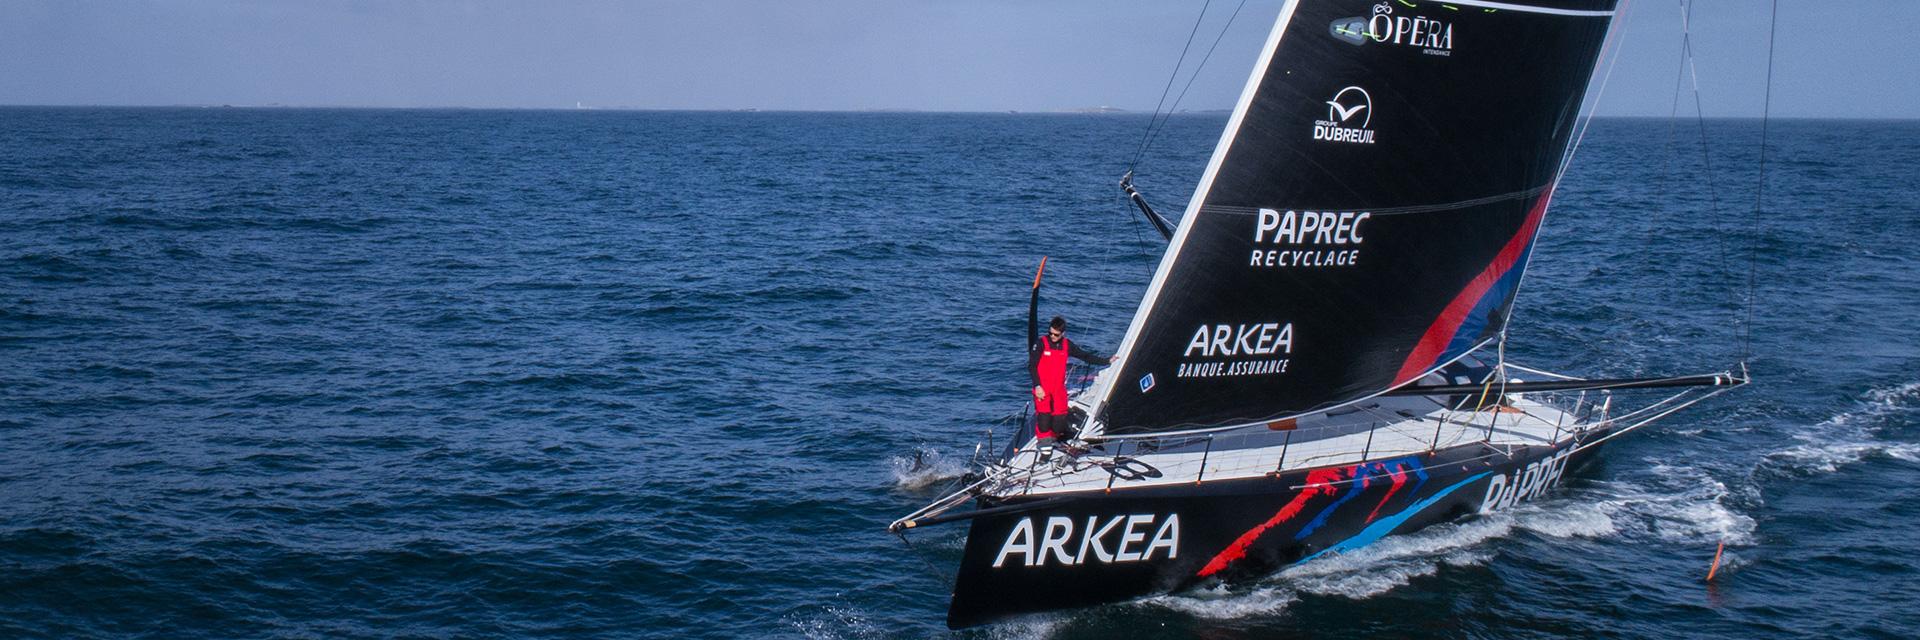 Le groupe DUBREUIL embarque avec Sébastien Simon, skipper d'ARKEA PAPREC